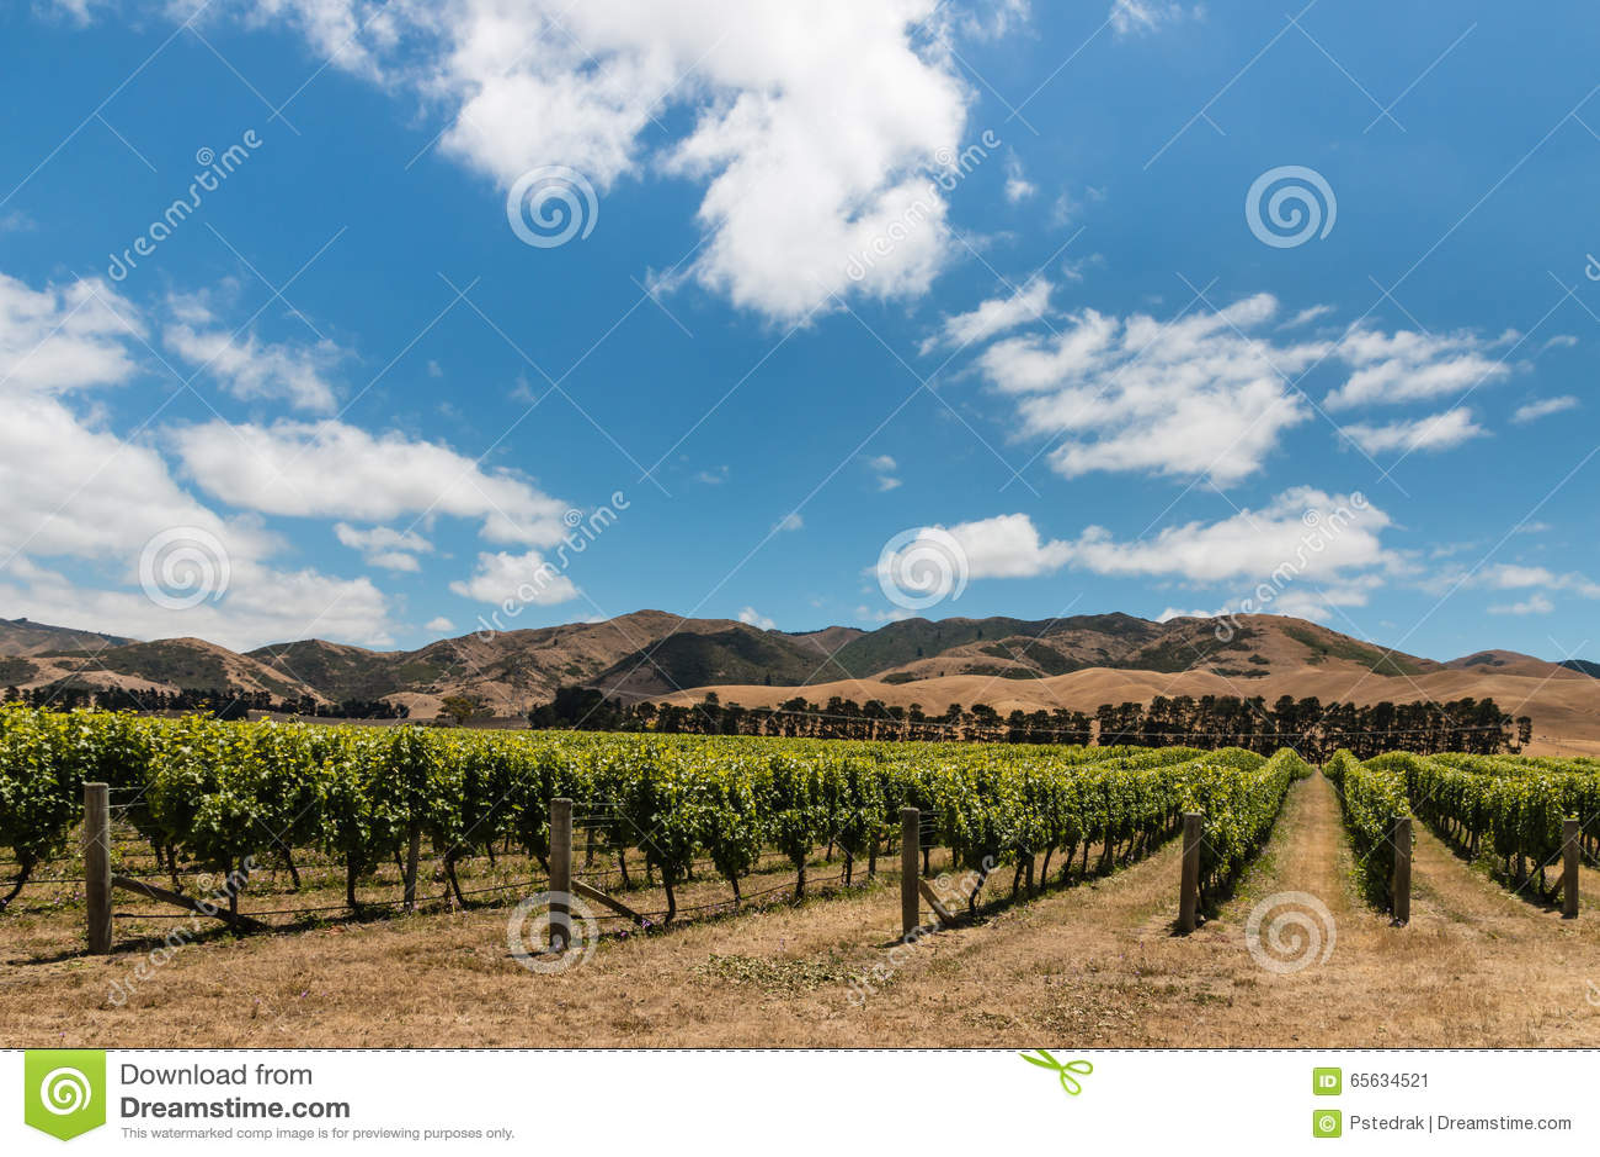 Plantation de vignoble en collines de Wither